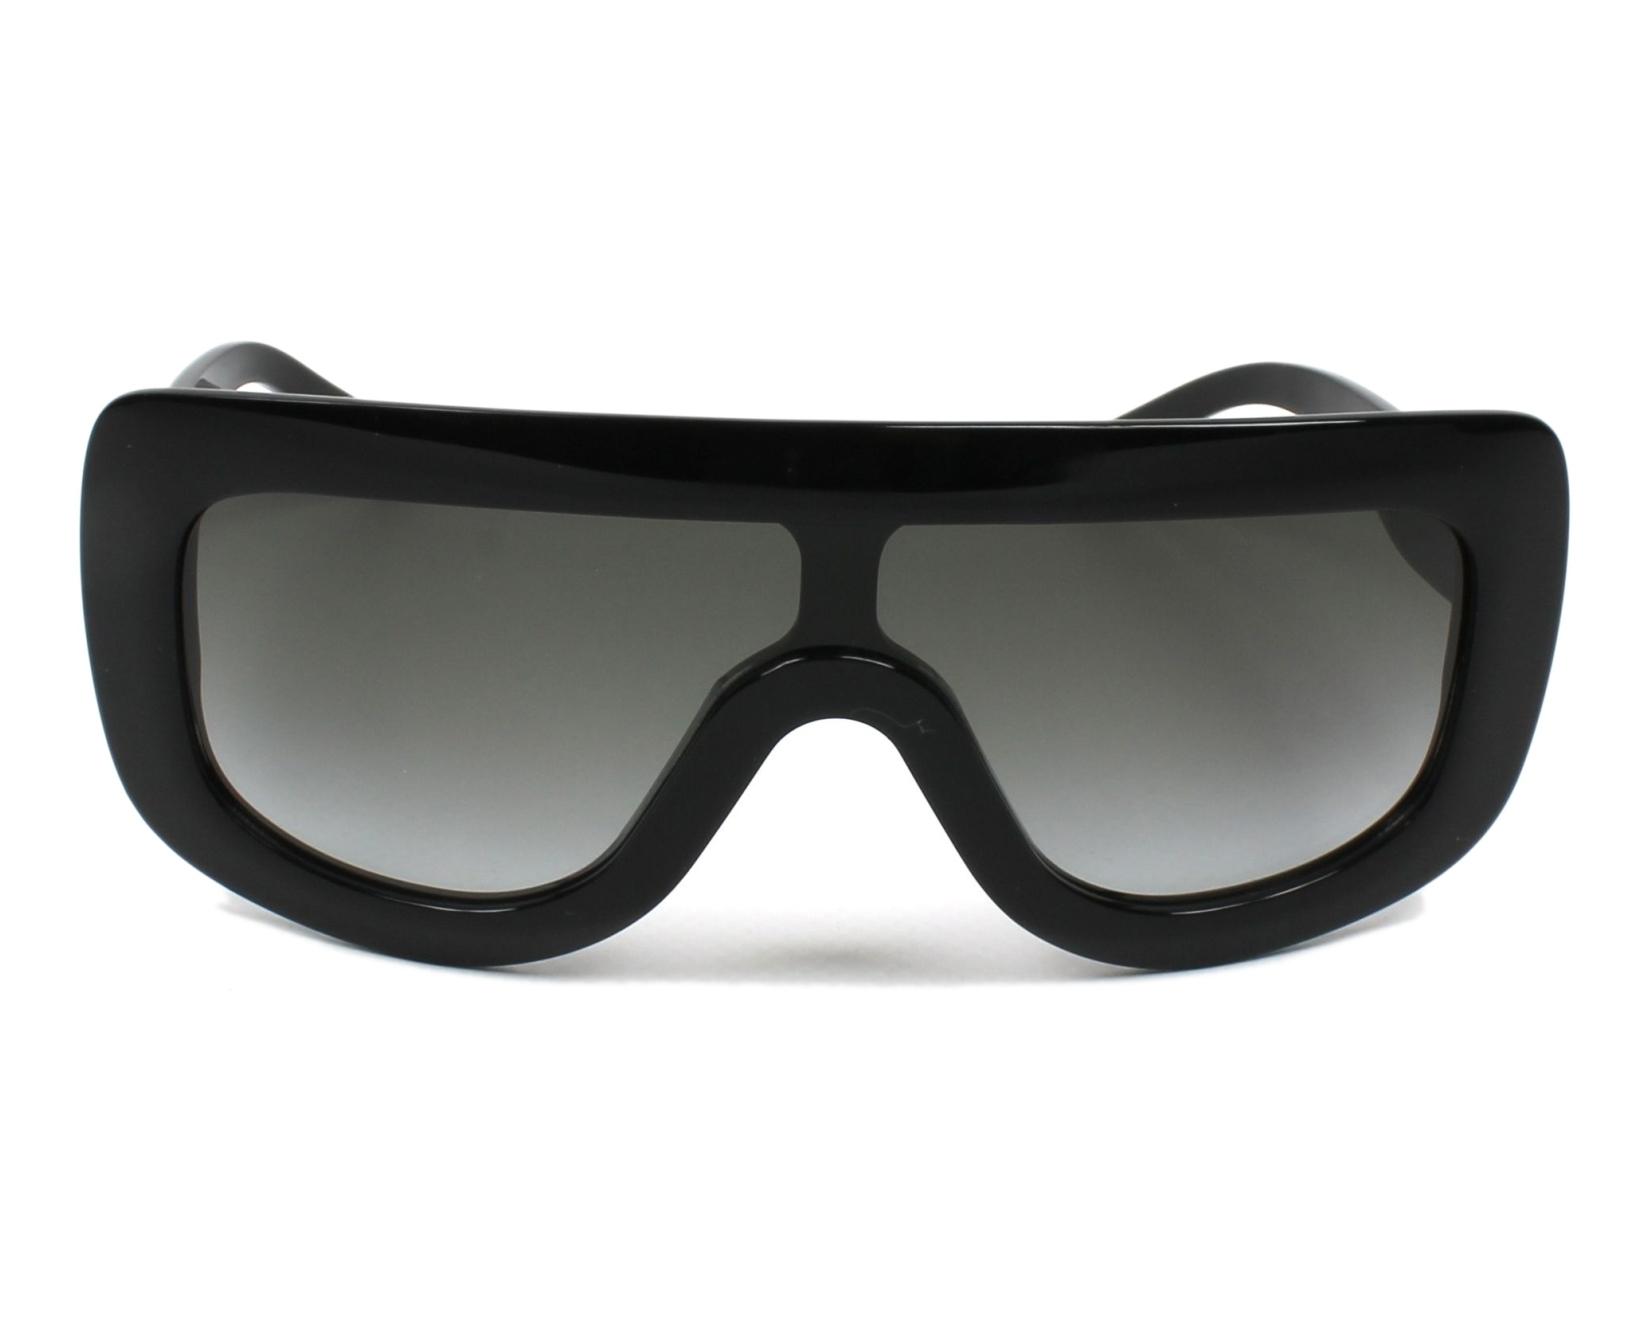 2276e6a35bd Sunglasses Céline CL-41377 807 N6 - Black front view